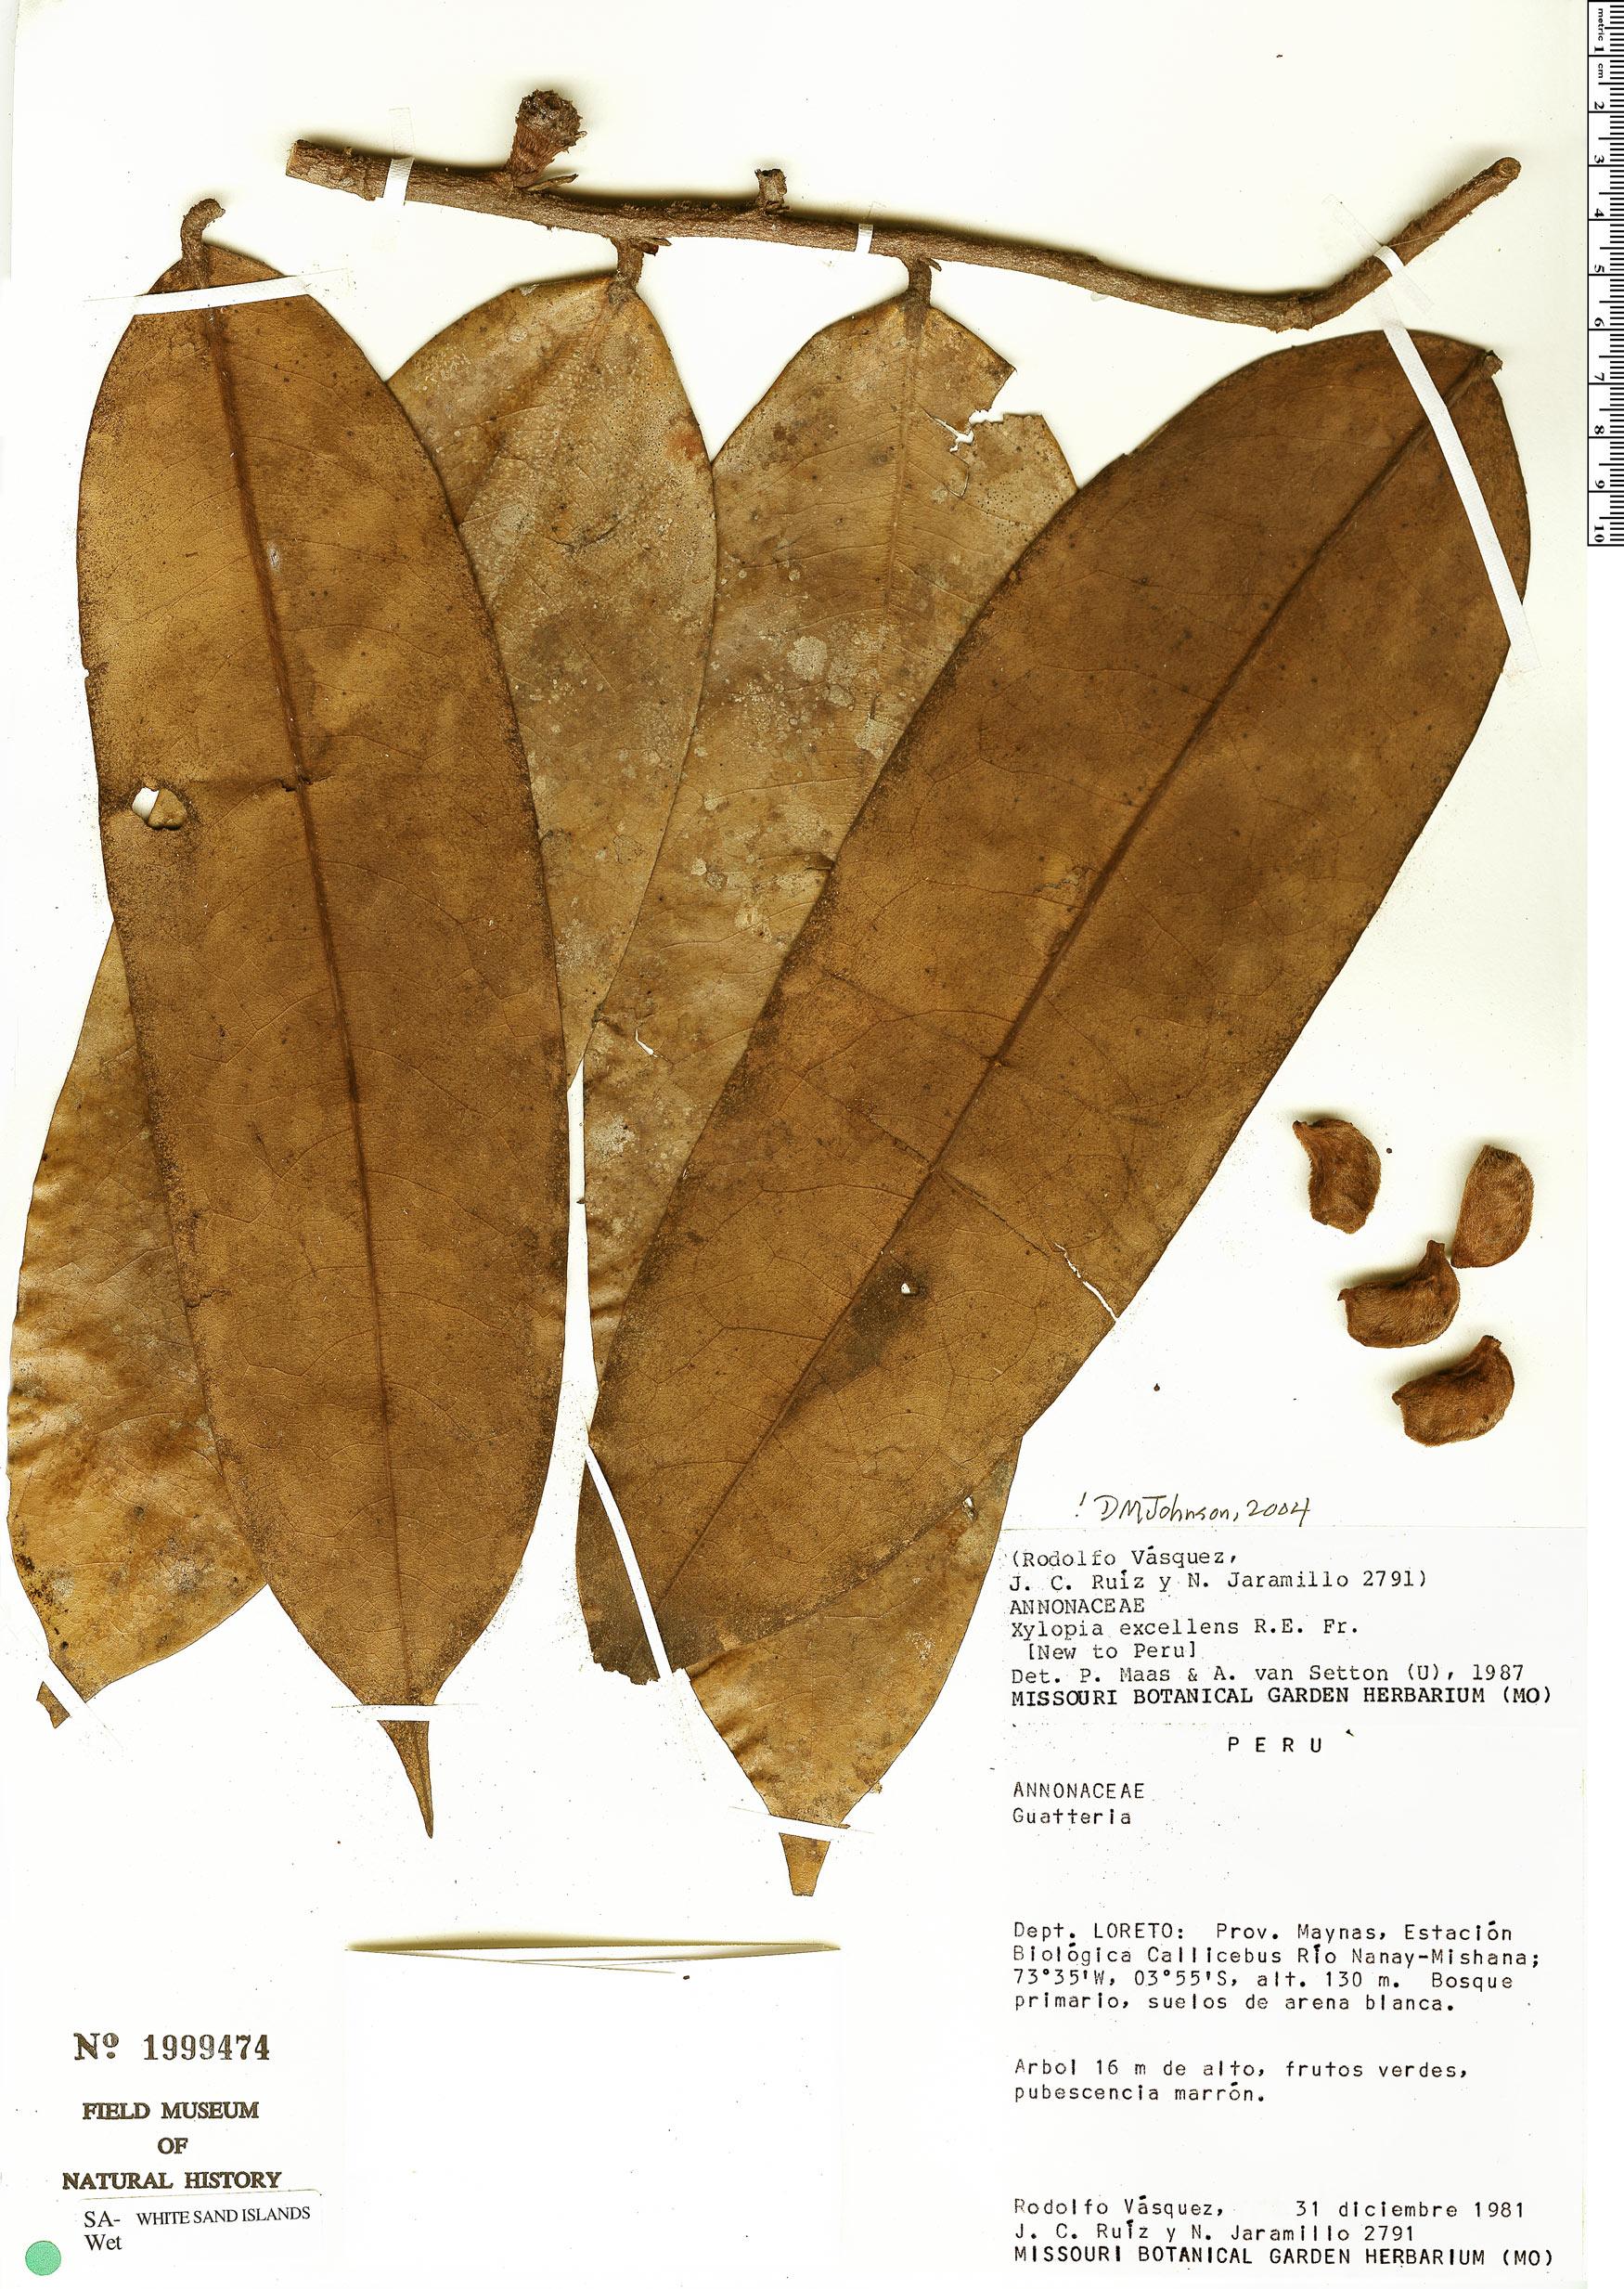 Espécimen: Xylopia excellens